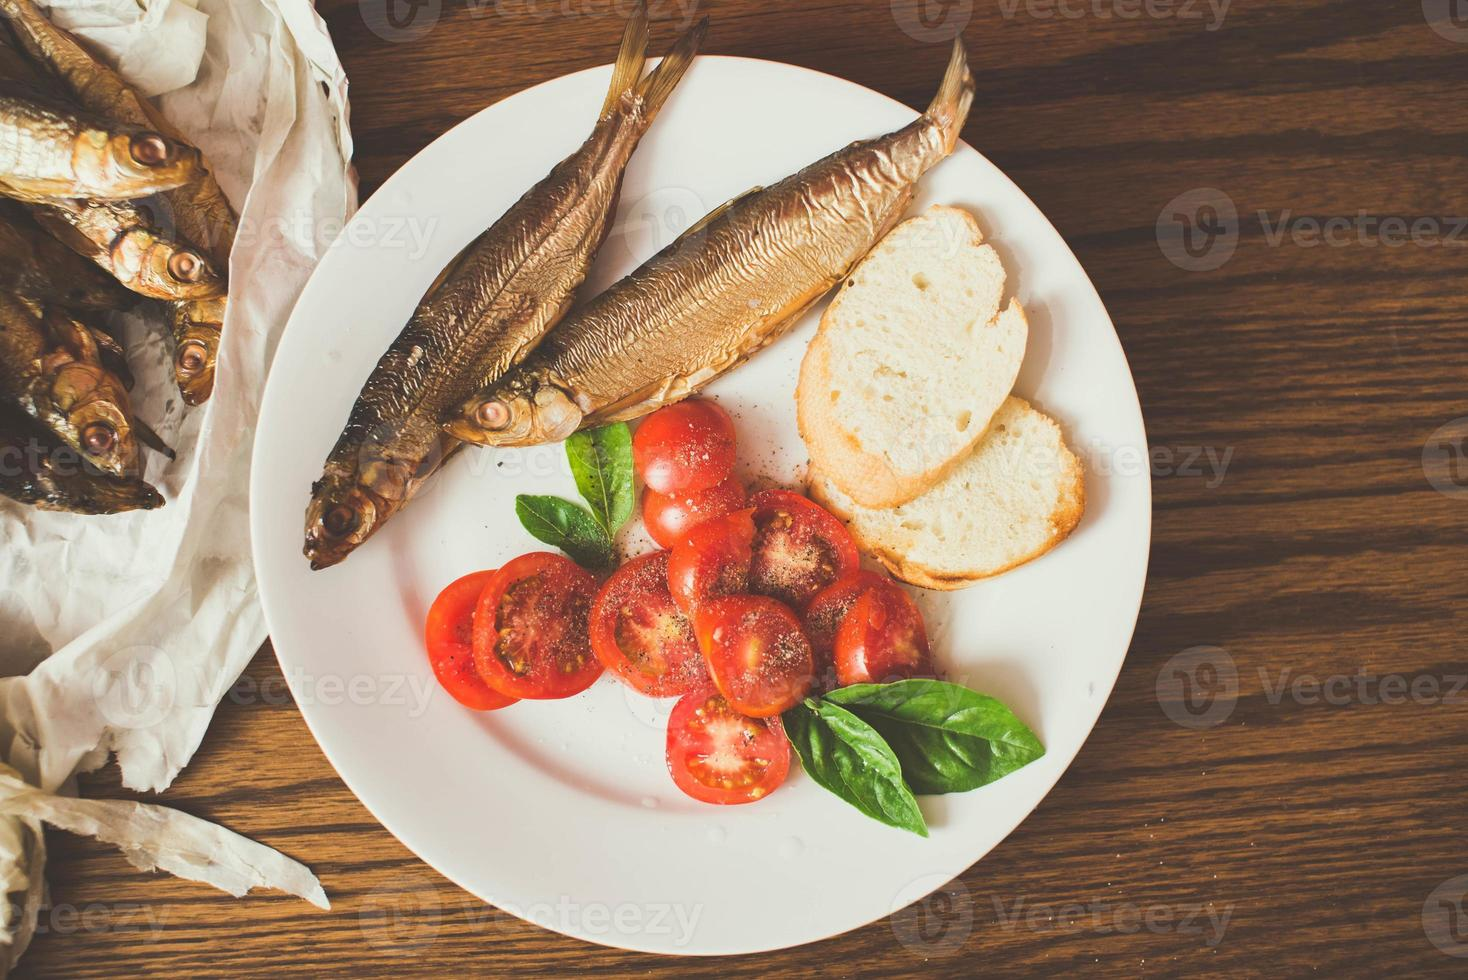 geräucherter Fisch auf Papier, Holztisch, Pfeffermühle foto